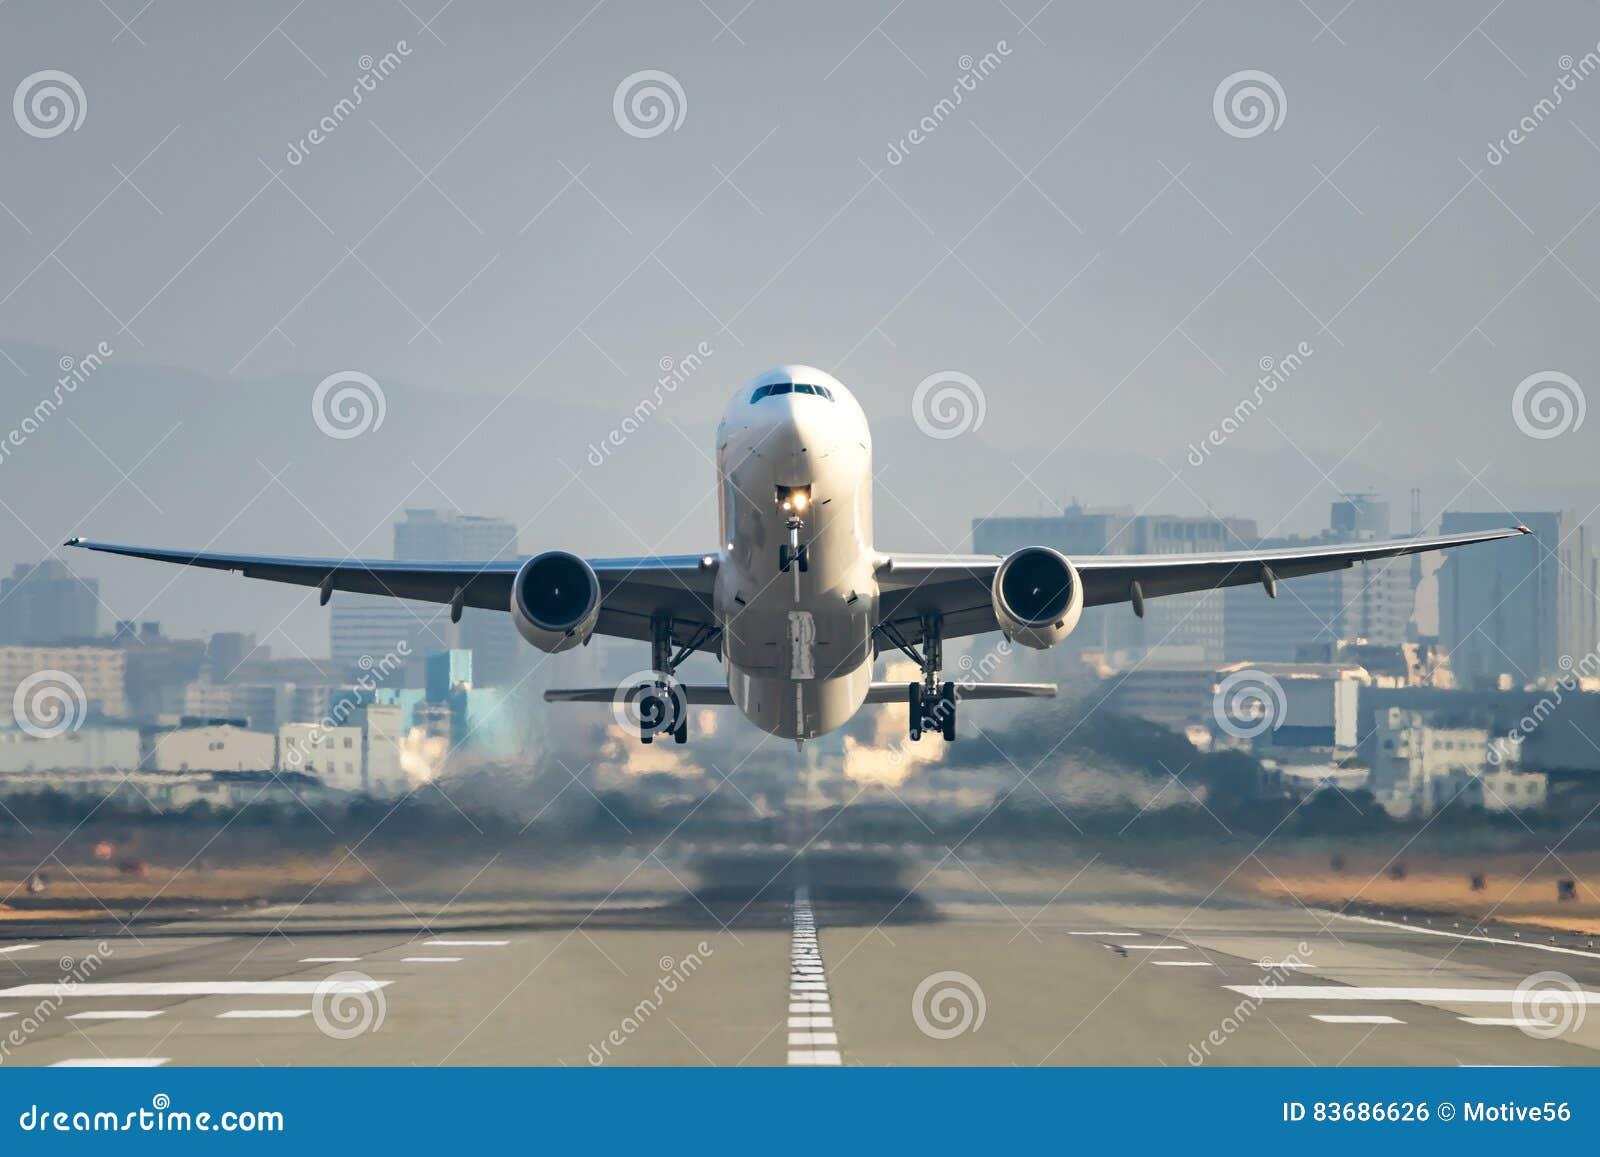 300 777 Boeing